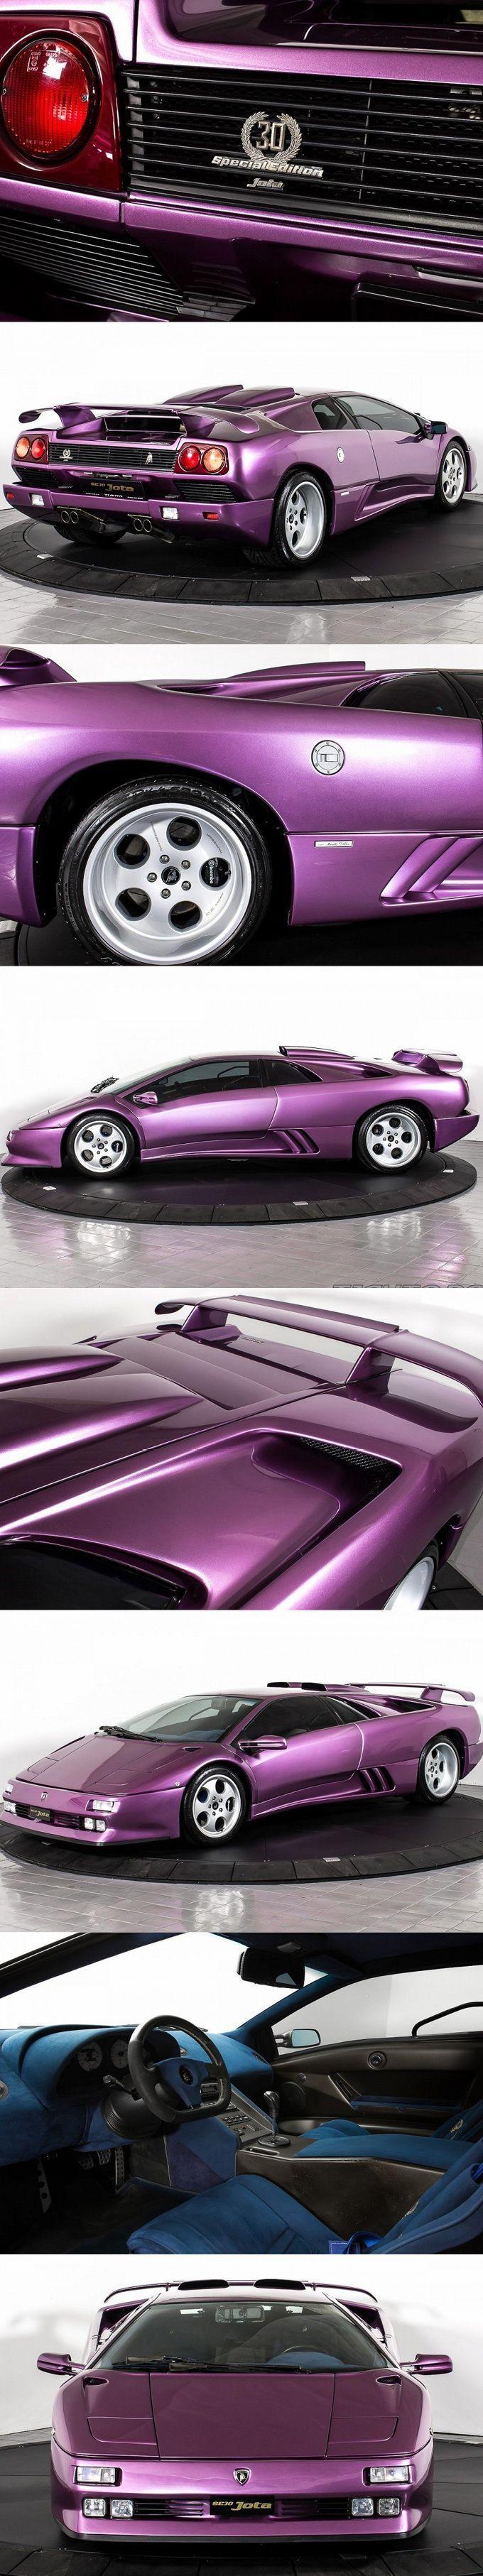 1994 Lamborghini Diablo SE30 Jota / 15pcs / 595hp / purple / Italy